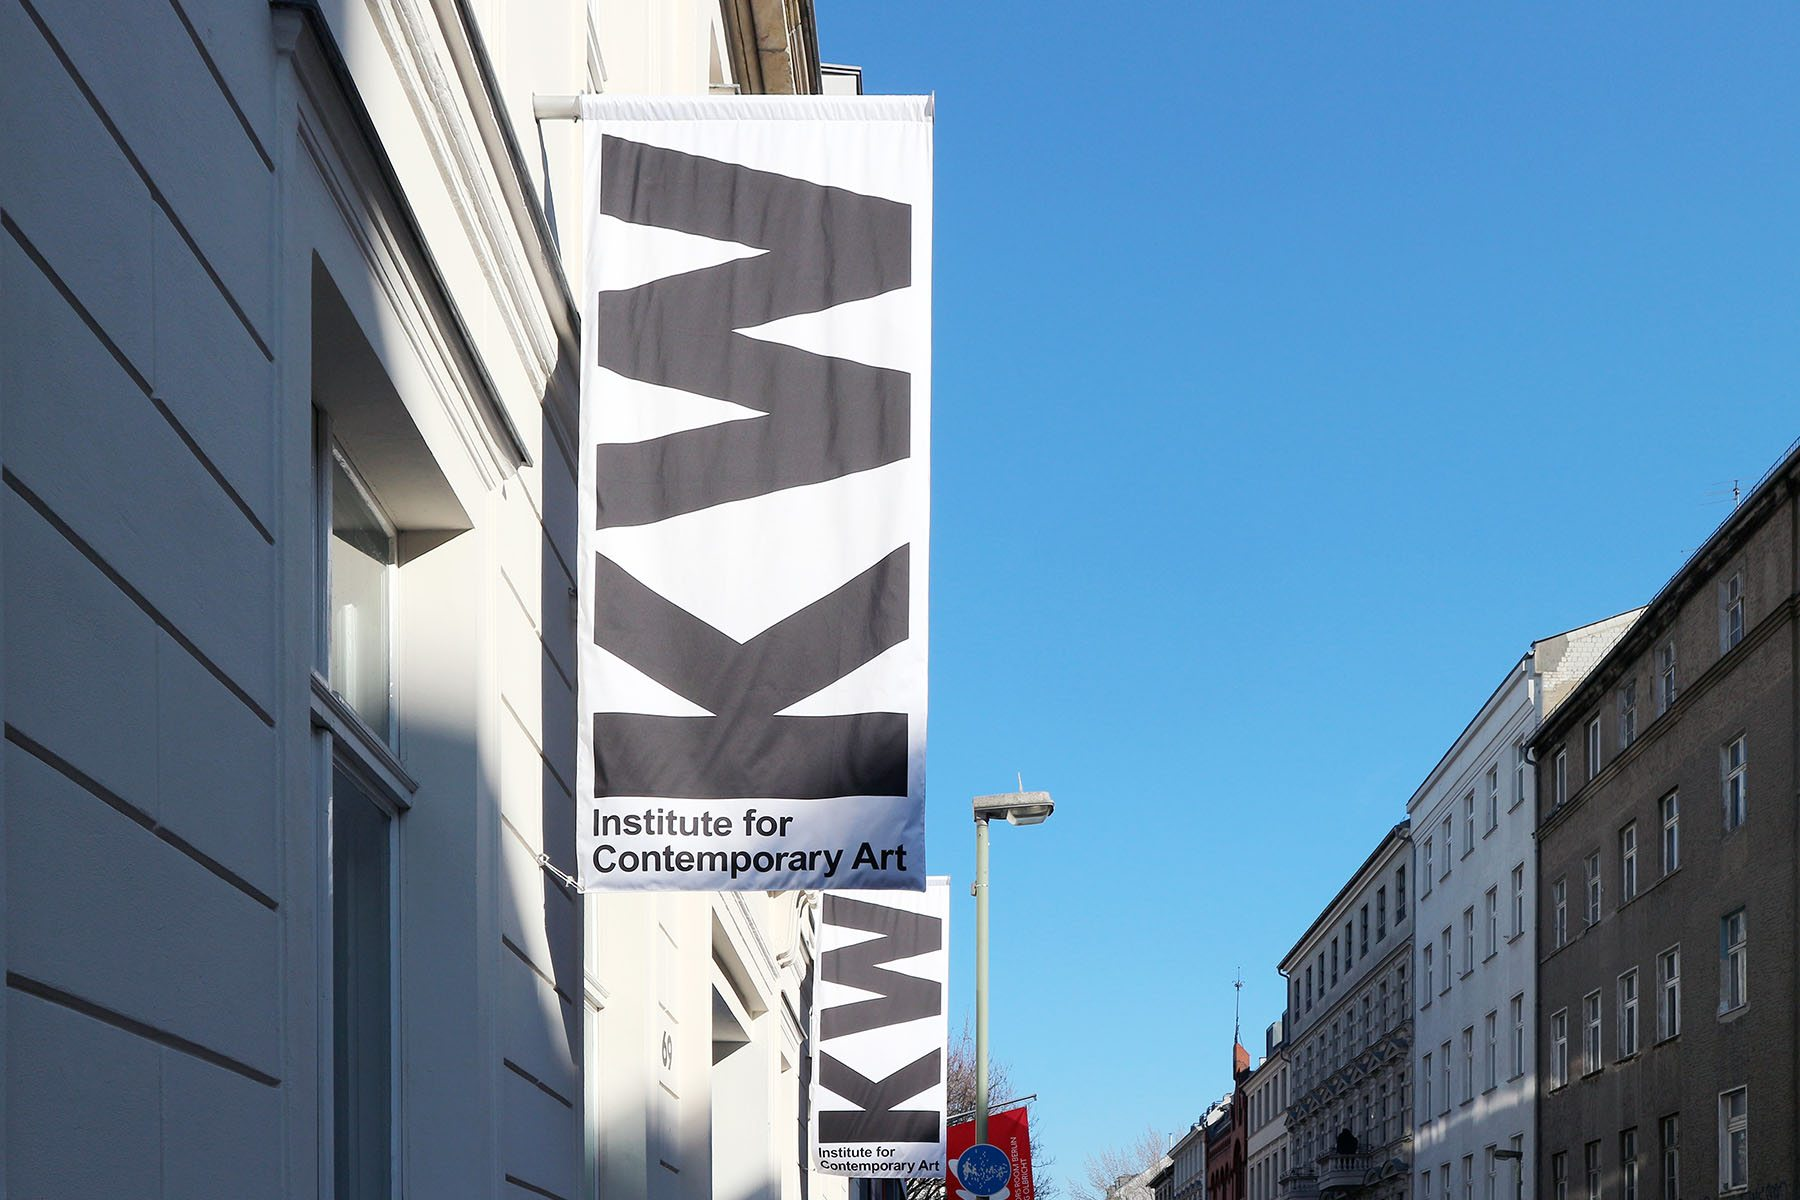 KW. Die Kunst-Werke Berlin wurden Anfang der 1990er-Jahre von Klaus Biesenbach und einer Gruppe junger Kunstinteressierter in einer ehemaligen Margarinefabrik in Berlin-Mitte gegründet.